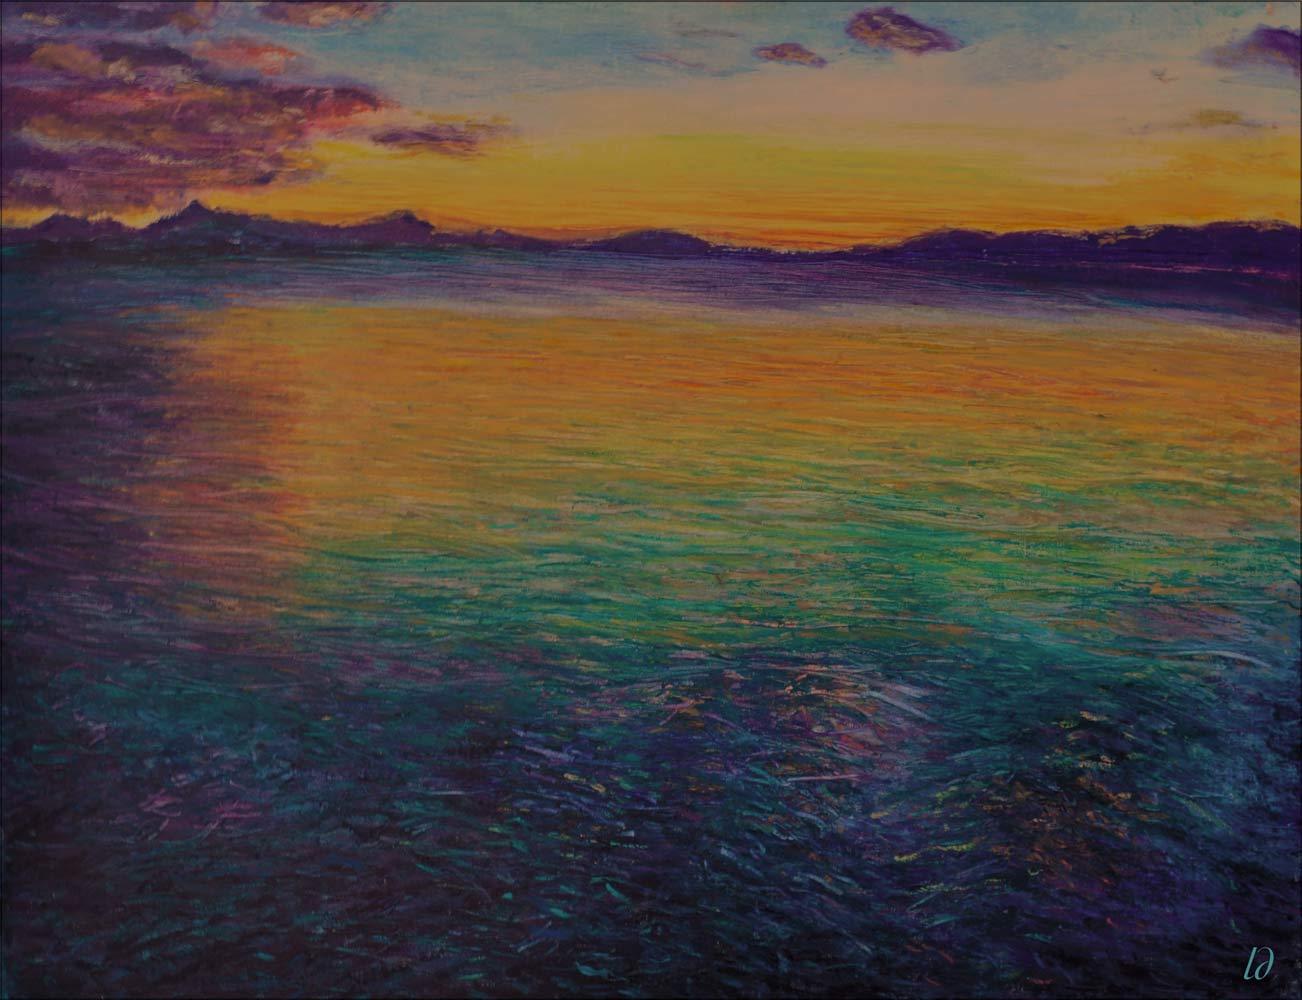 Coucher de soleil sur le lac Léman. Pastel à l'huile sur papier, 50x65, 2015